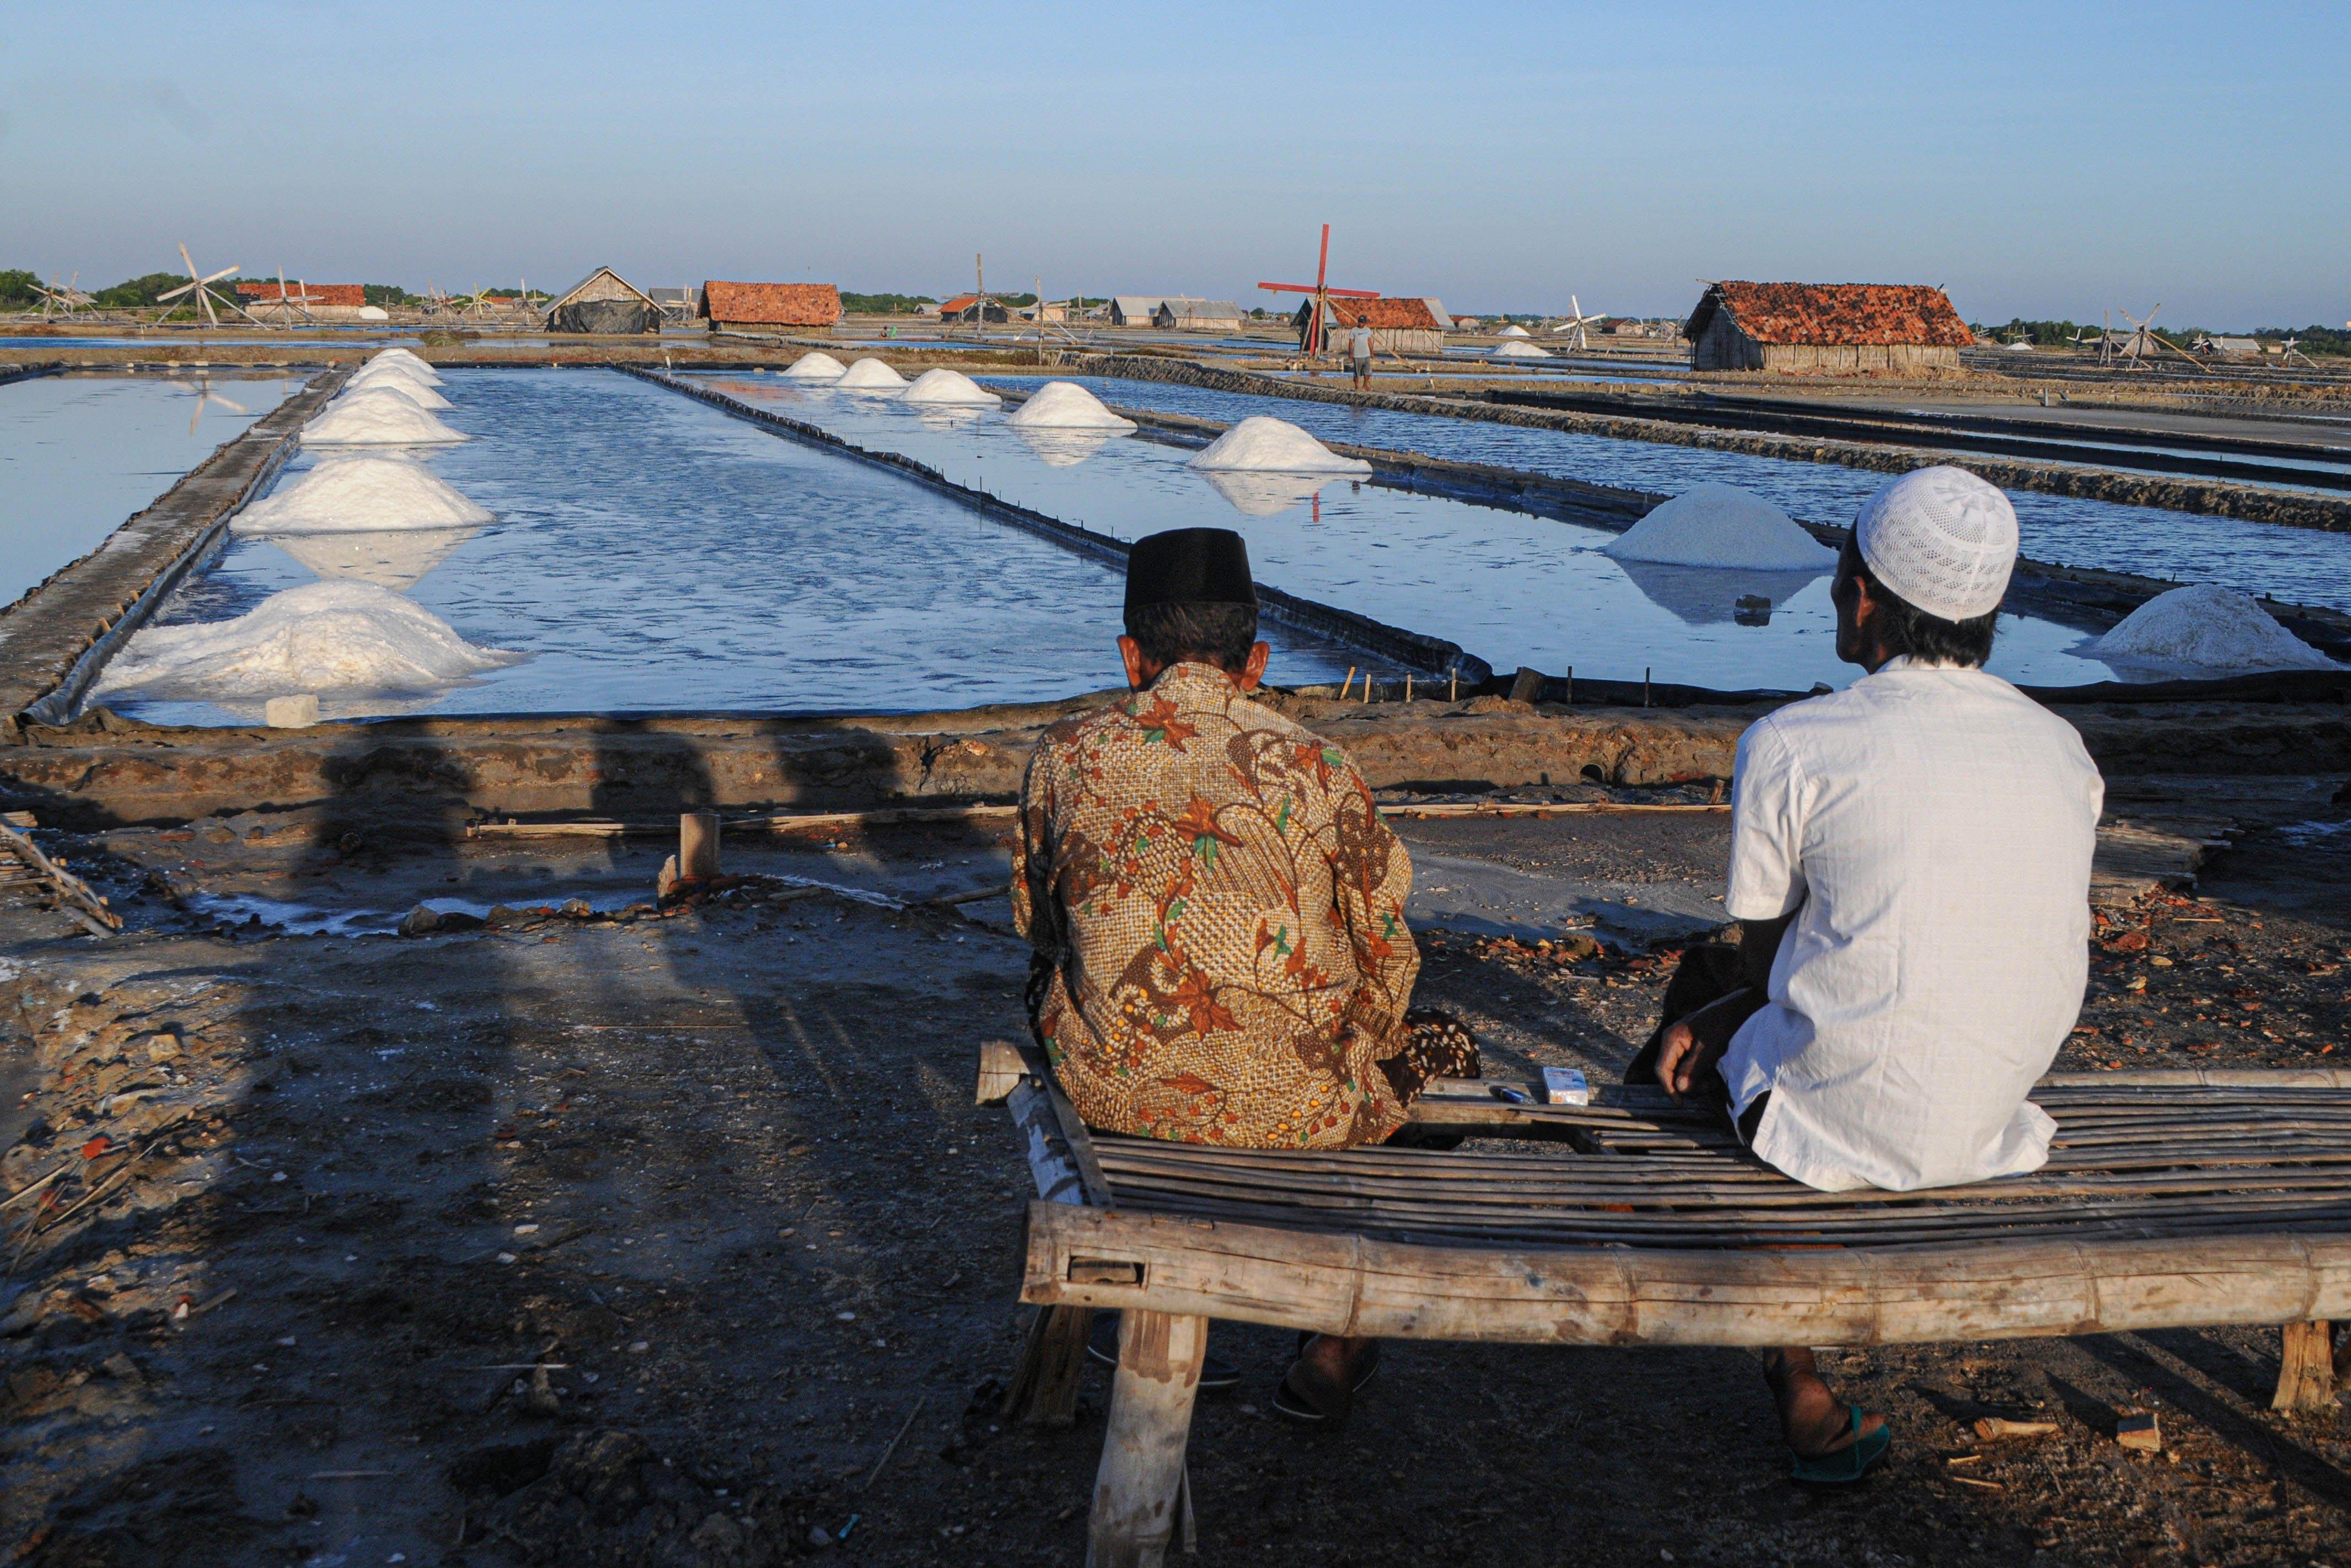 Petani berbincang sambil memandangi tumpukan garam yang baru dipanen di Desa Bunder, Pamekasan, Jawa Timur.